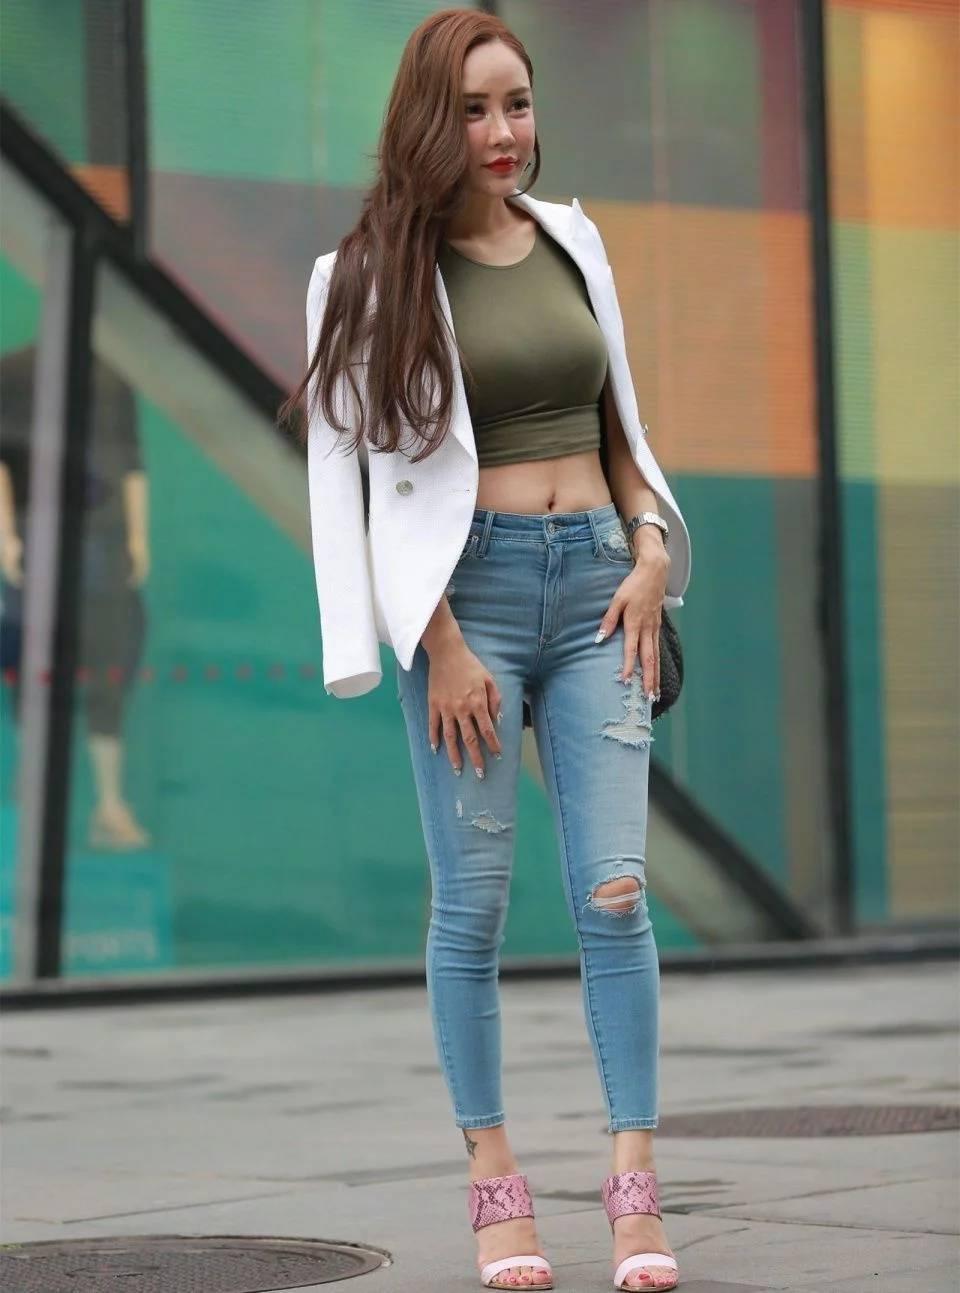 街拍,时尚模特街头摆拍,圆润身材很有韵味